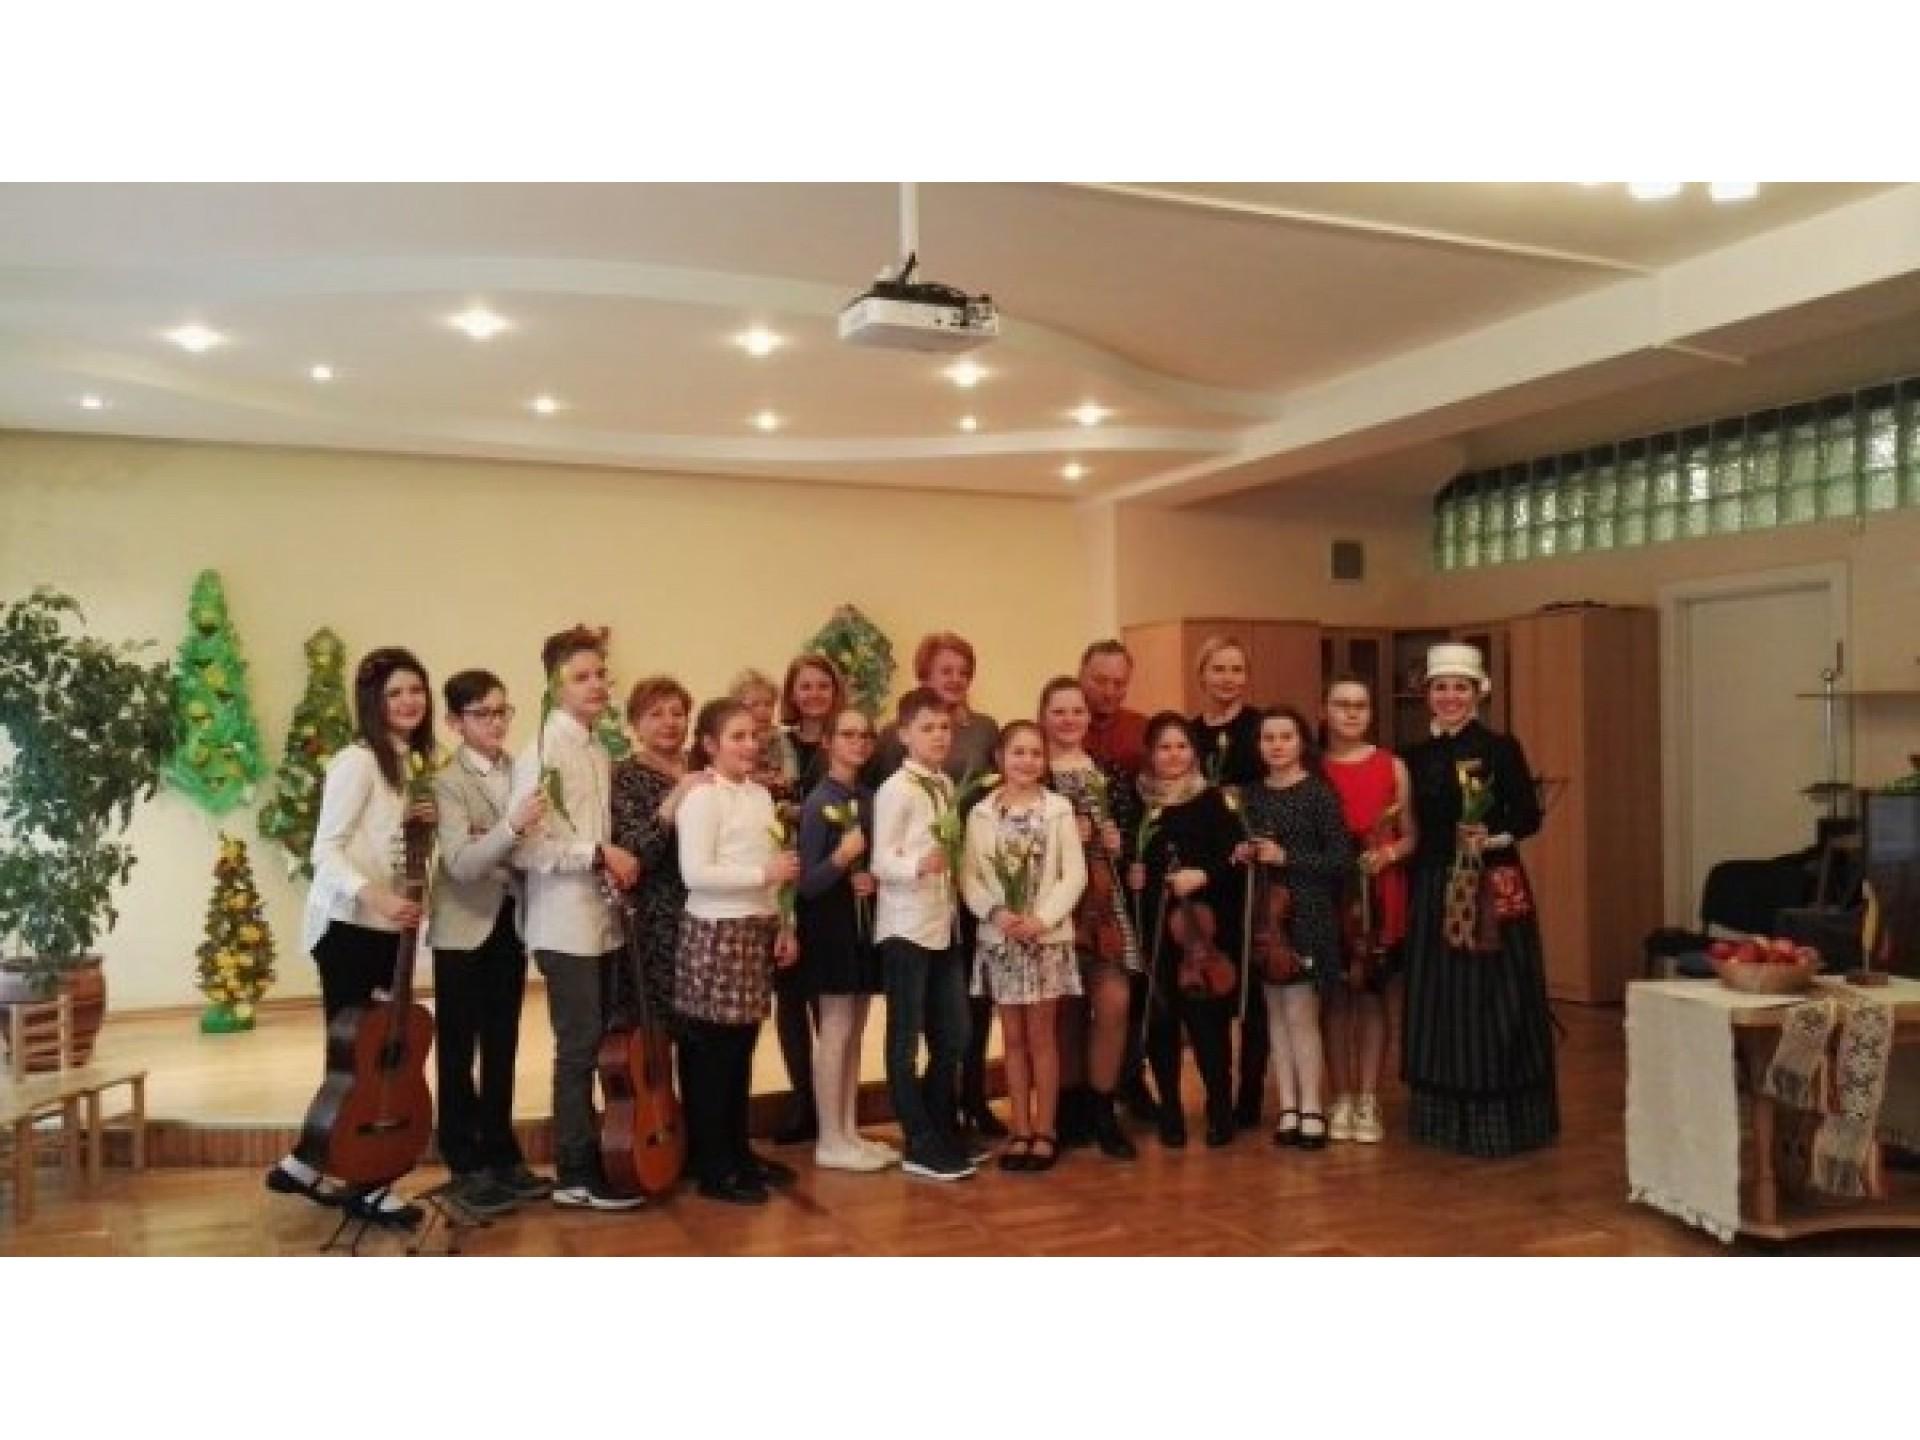 Jeronimo Kačinsko muzikos mokyklos mokinių koncertas, skirtas Kovo 11-ajai paminėti